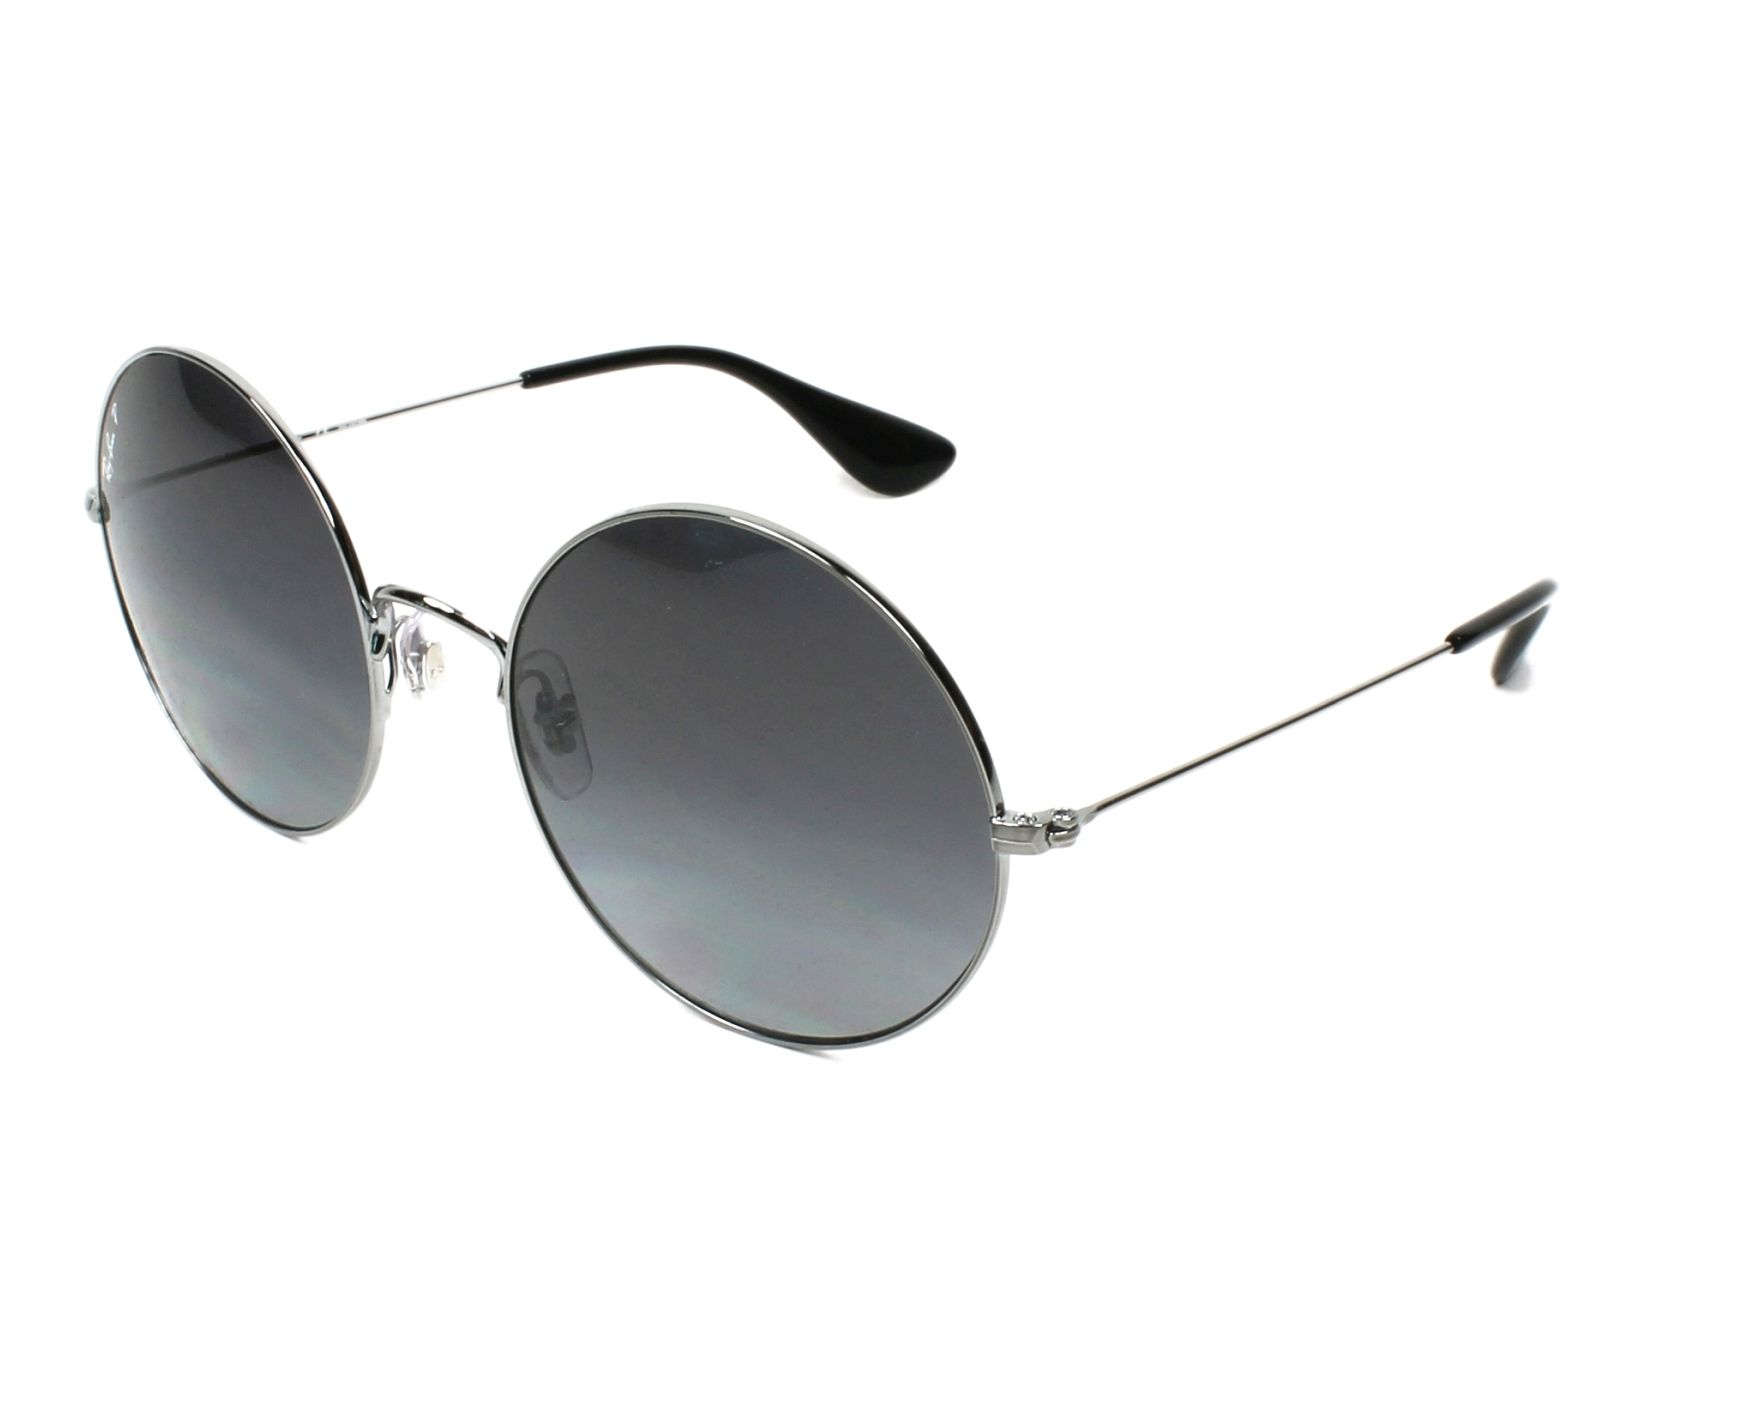 5bd8e73e99c Sunglasses Ray-Ban RB-3592 004 T3 50-20 Gun profile view